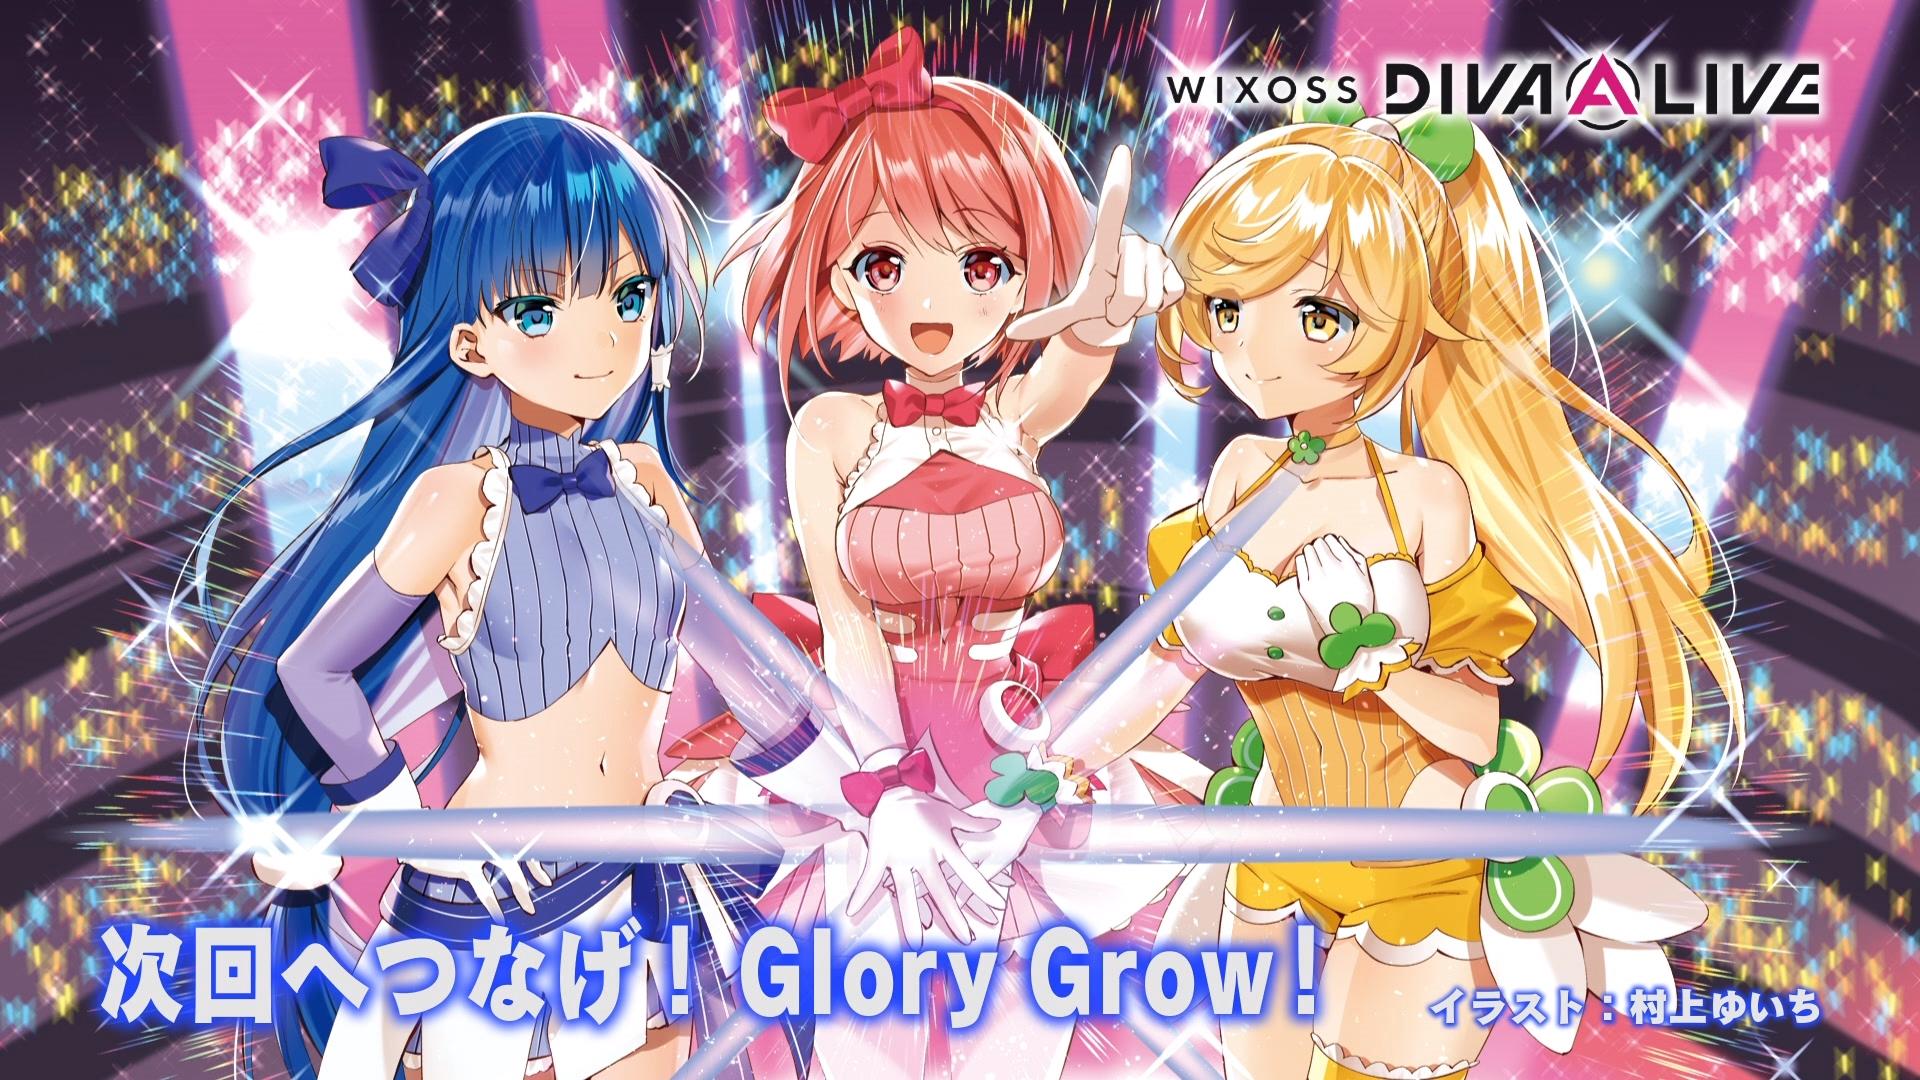 WIXOSS Diva(A)Live Episode 07 Murakami Yuichi